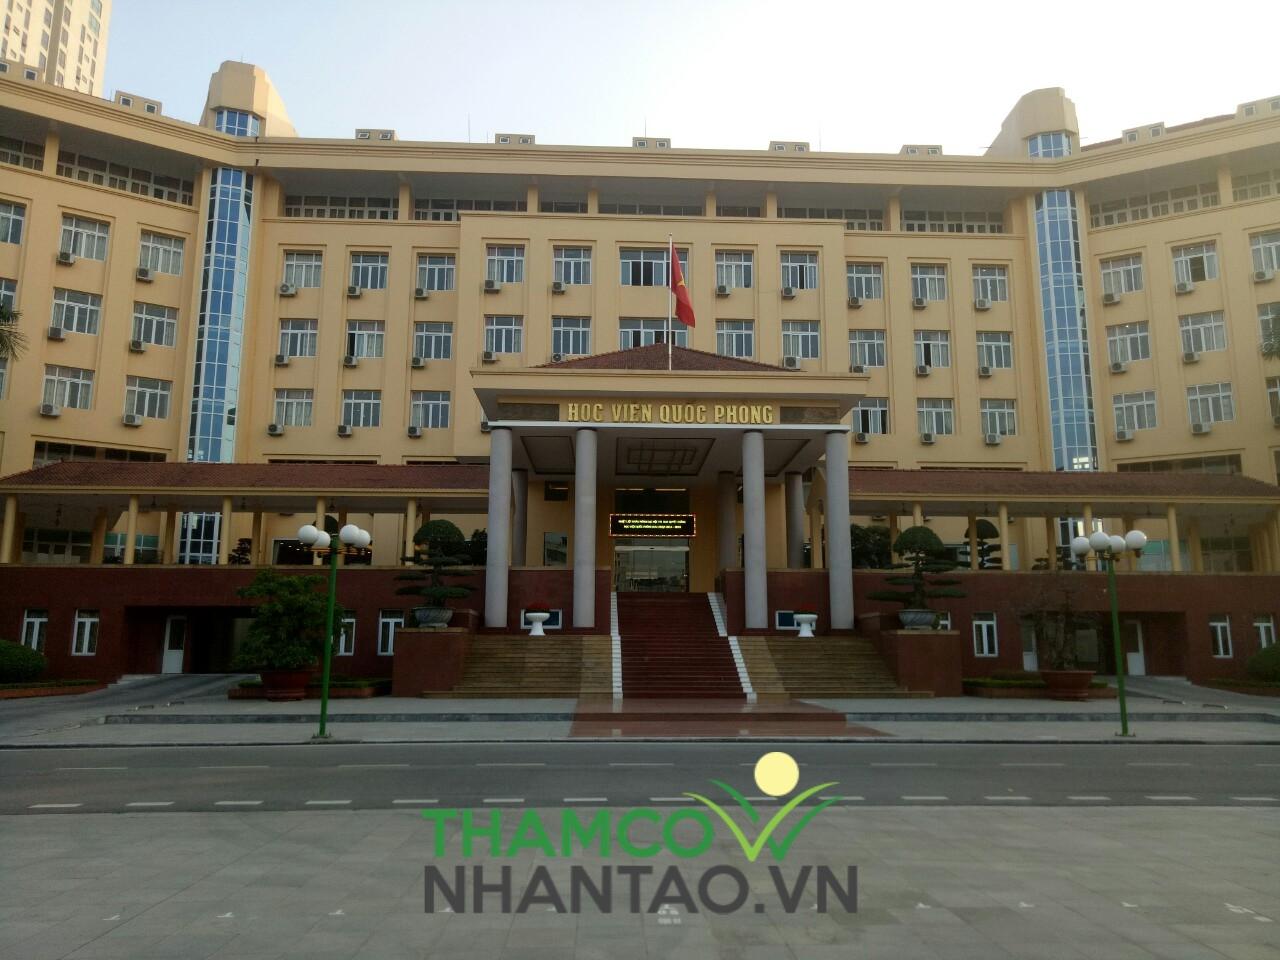 Một vài hình ảnh của dự án sân bóng đá tại Học viện Quốc phòng, Hà Nội: 1